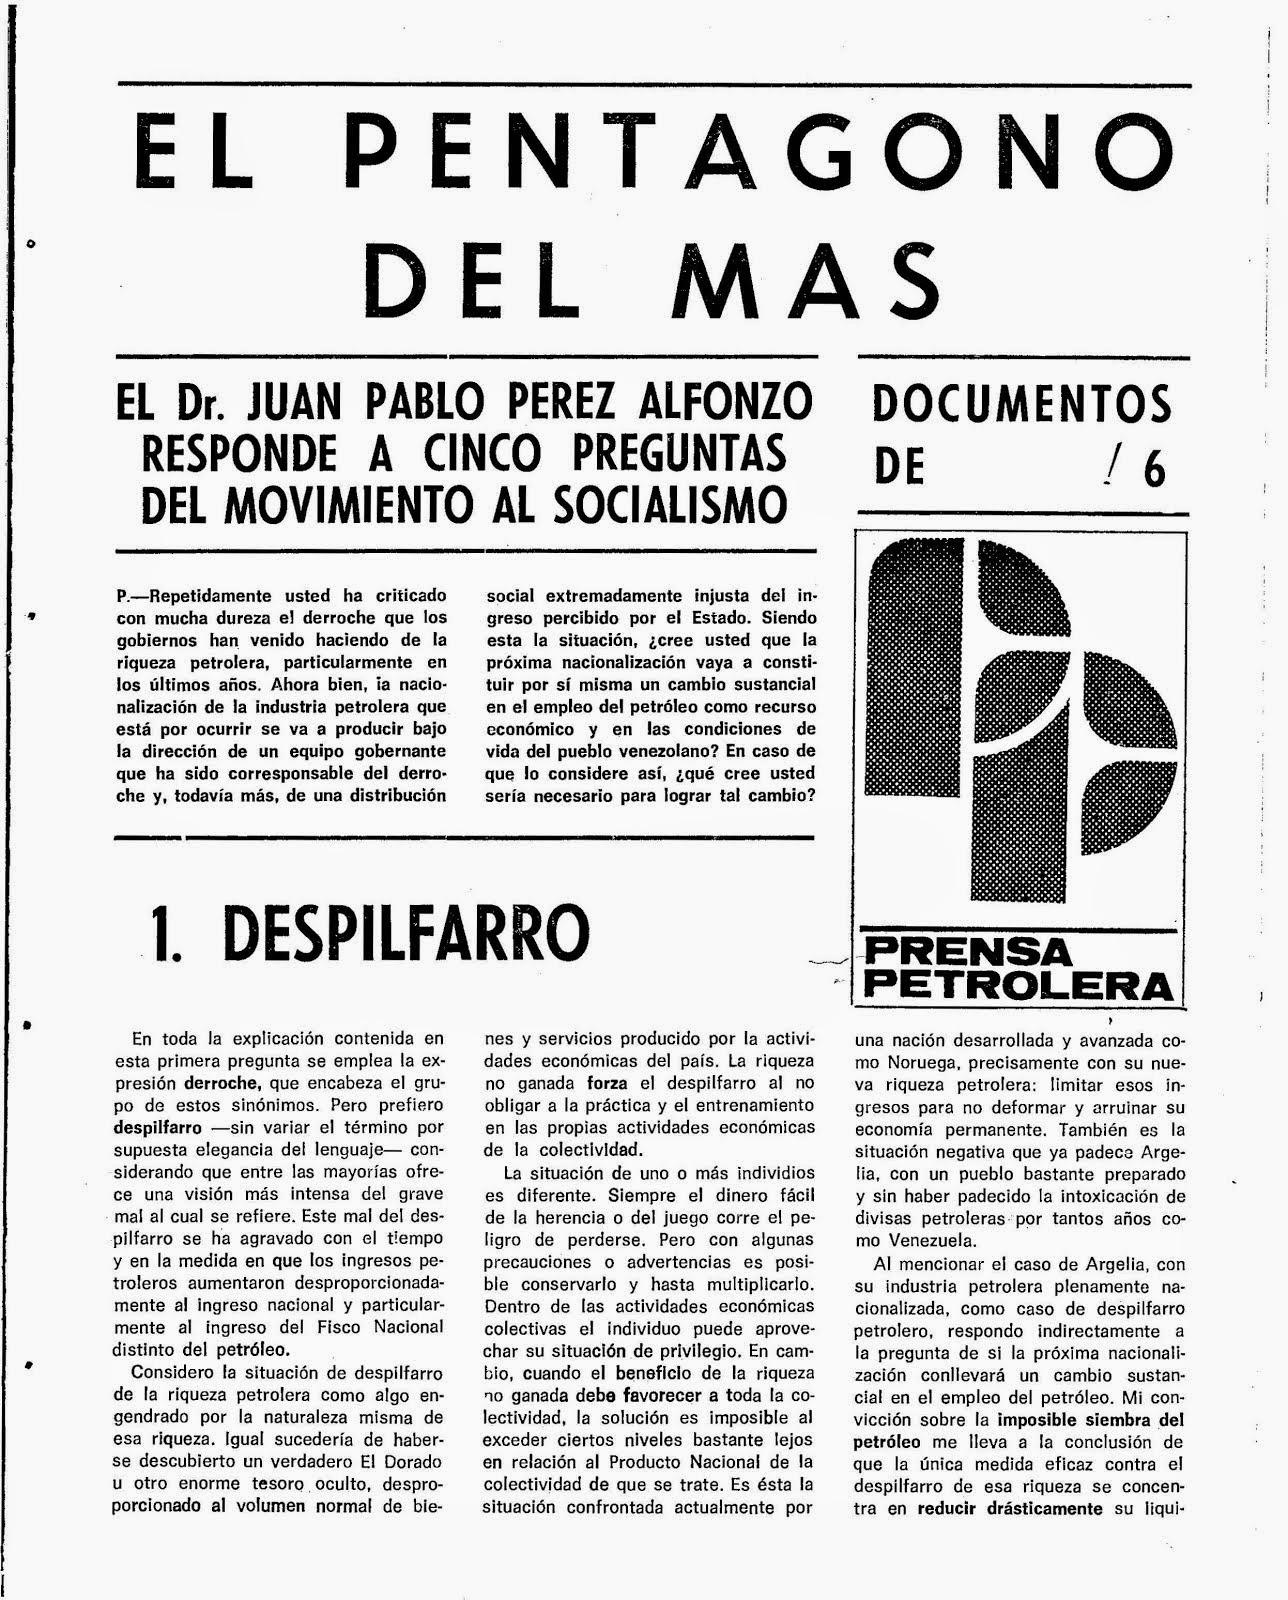 Documentos Nº 6 de Prensa Petrolera